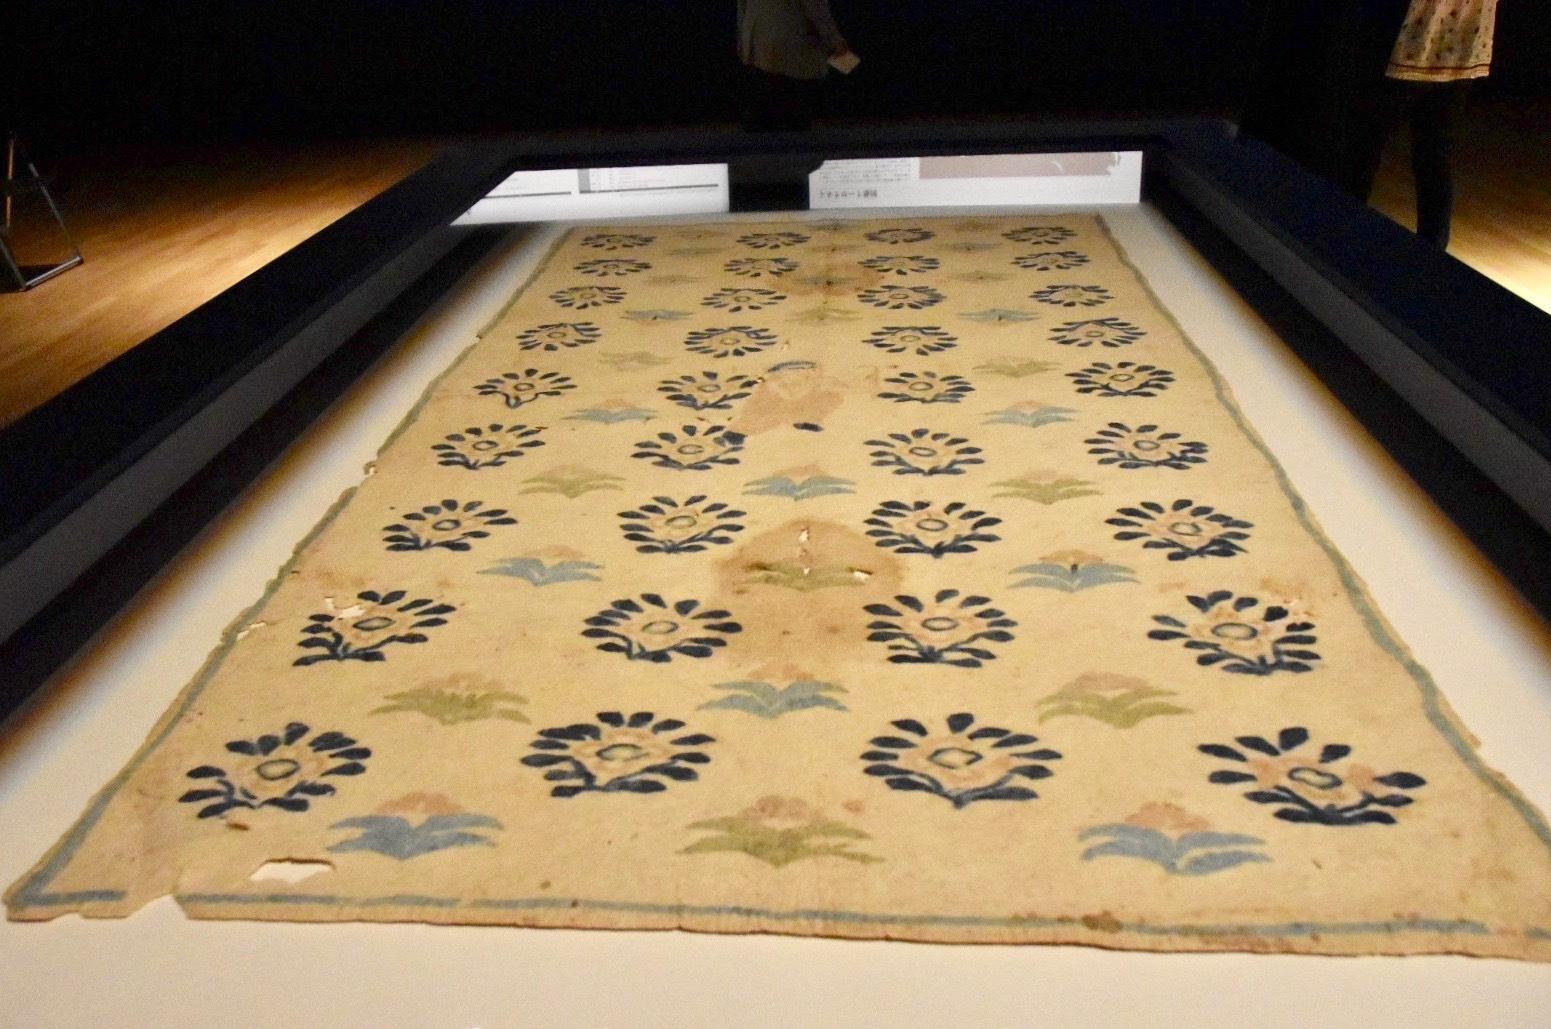 正倉院宝物《花氈》 中国・唐時代 8世紀 正倉院蔵 前期展示